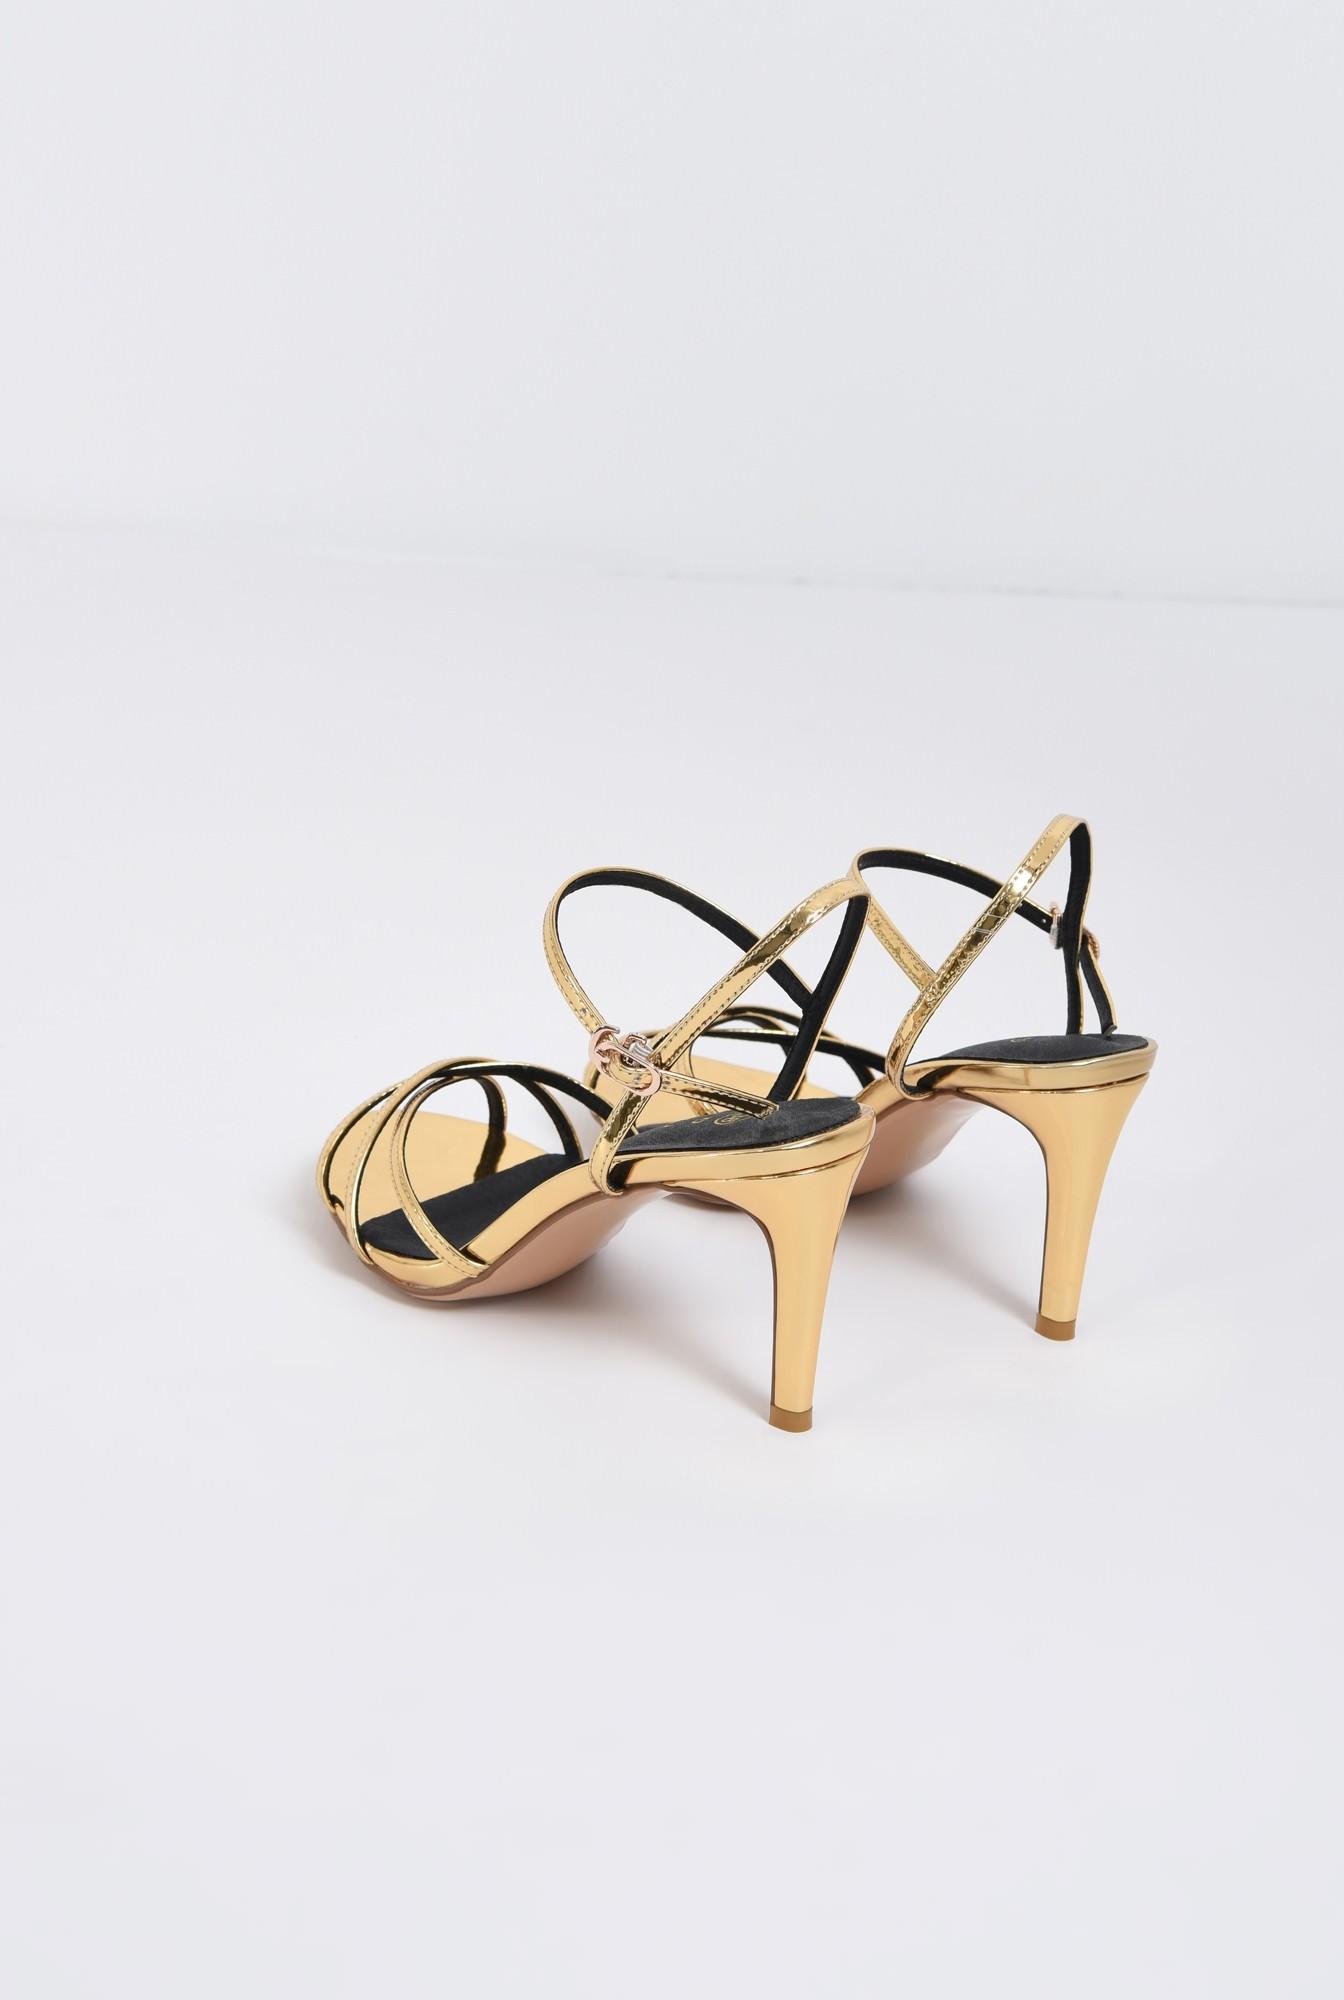 2 - sandale elegante, aurii, cu toc, aspect metalic